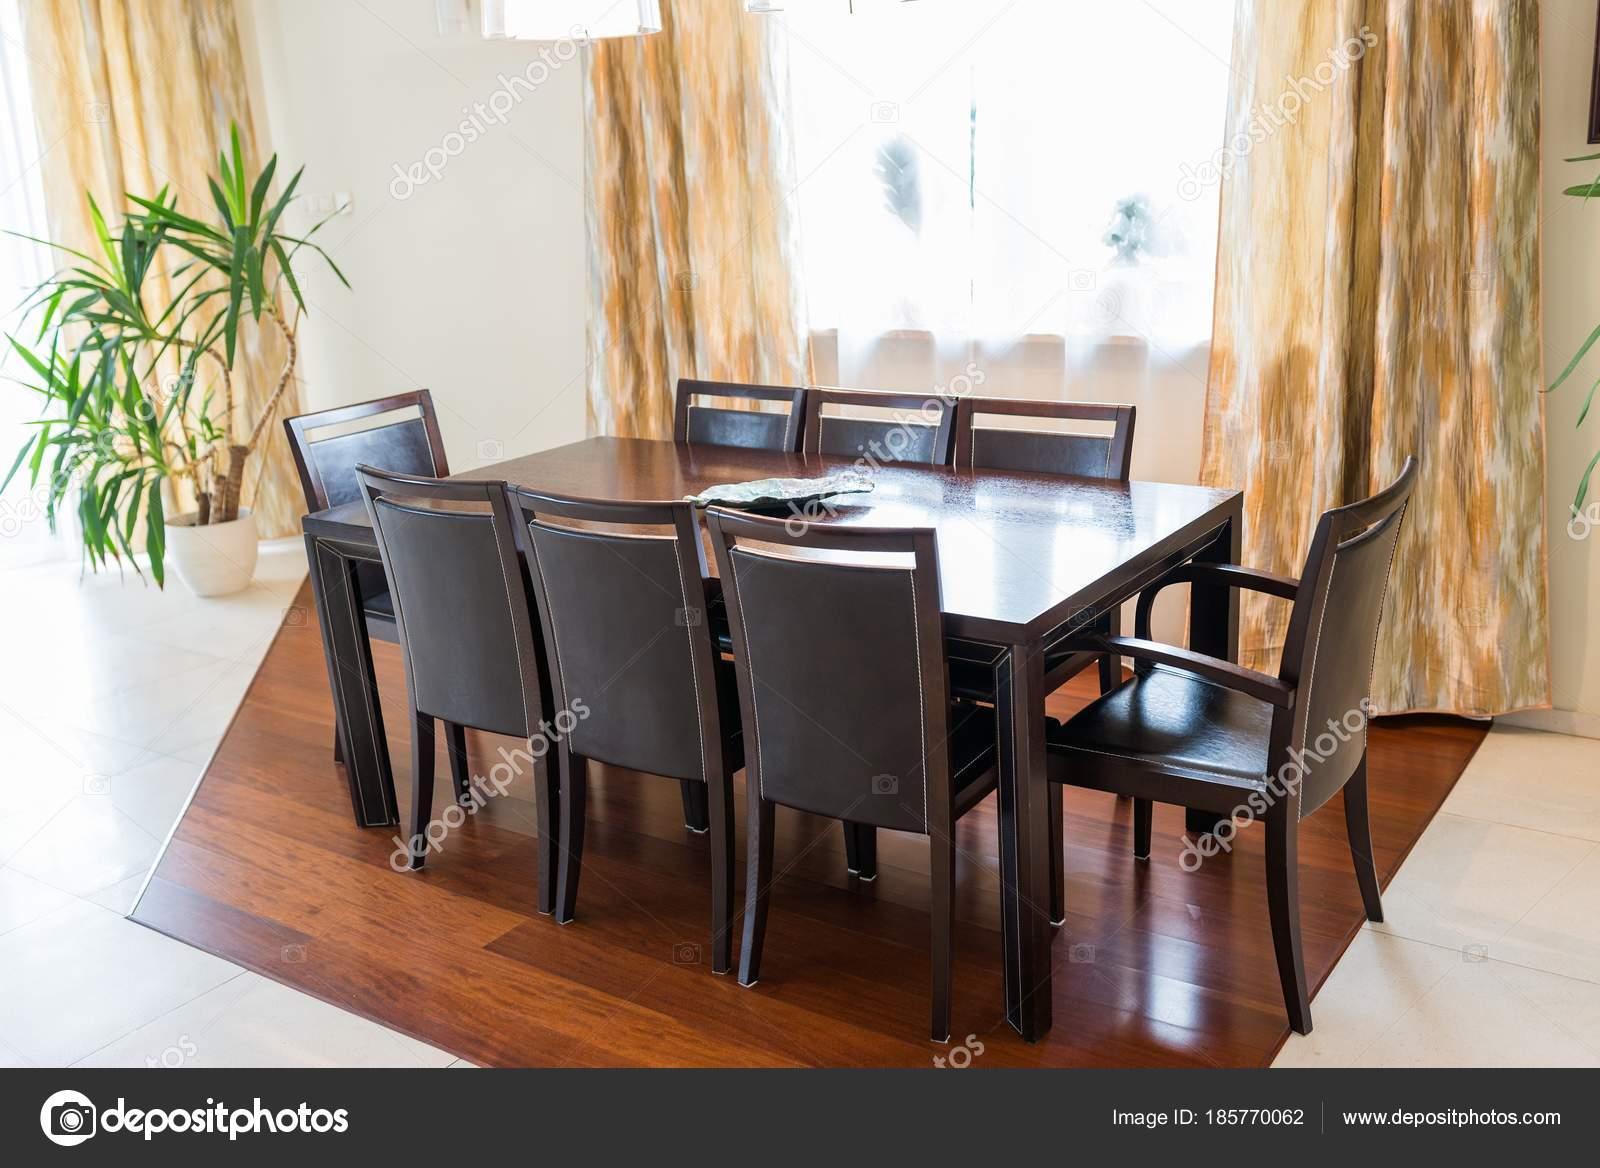 Comedor con mesa grande marrón — Foto de stock © djedzura #185770062